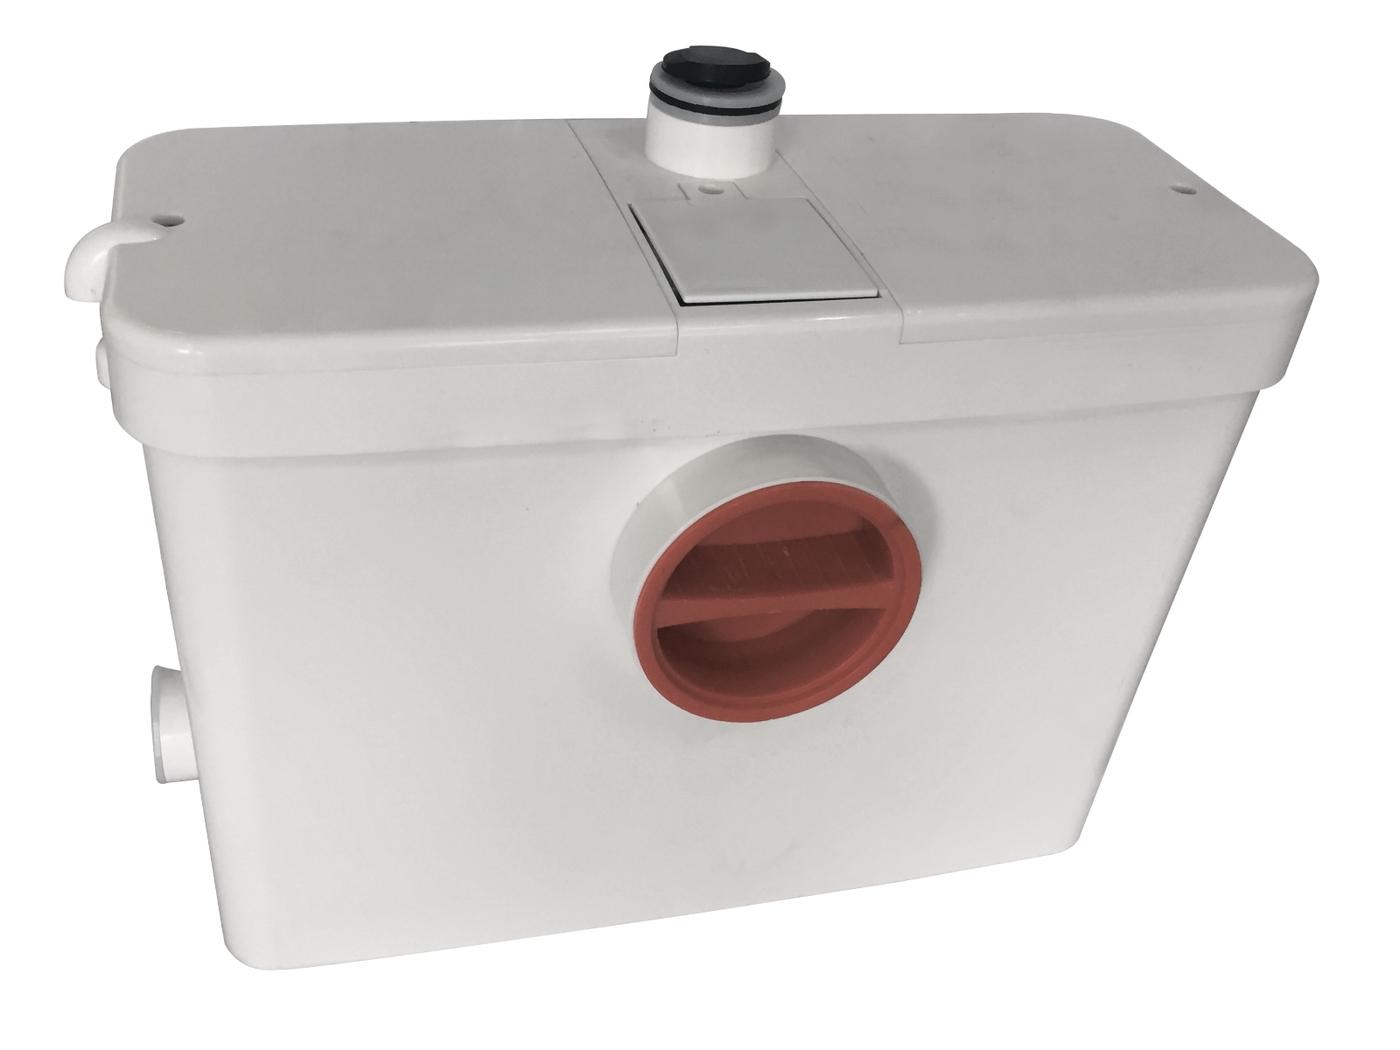 Канализационная установка Termica Compact Lift 400 C